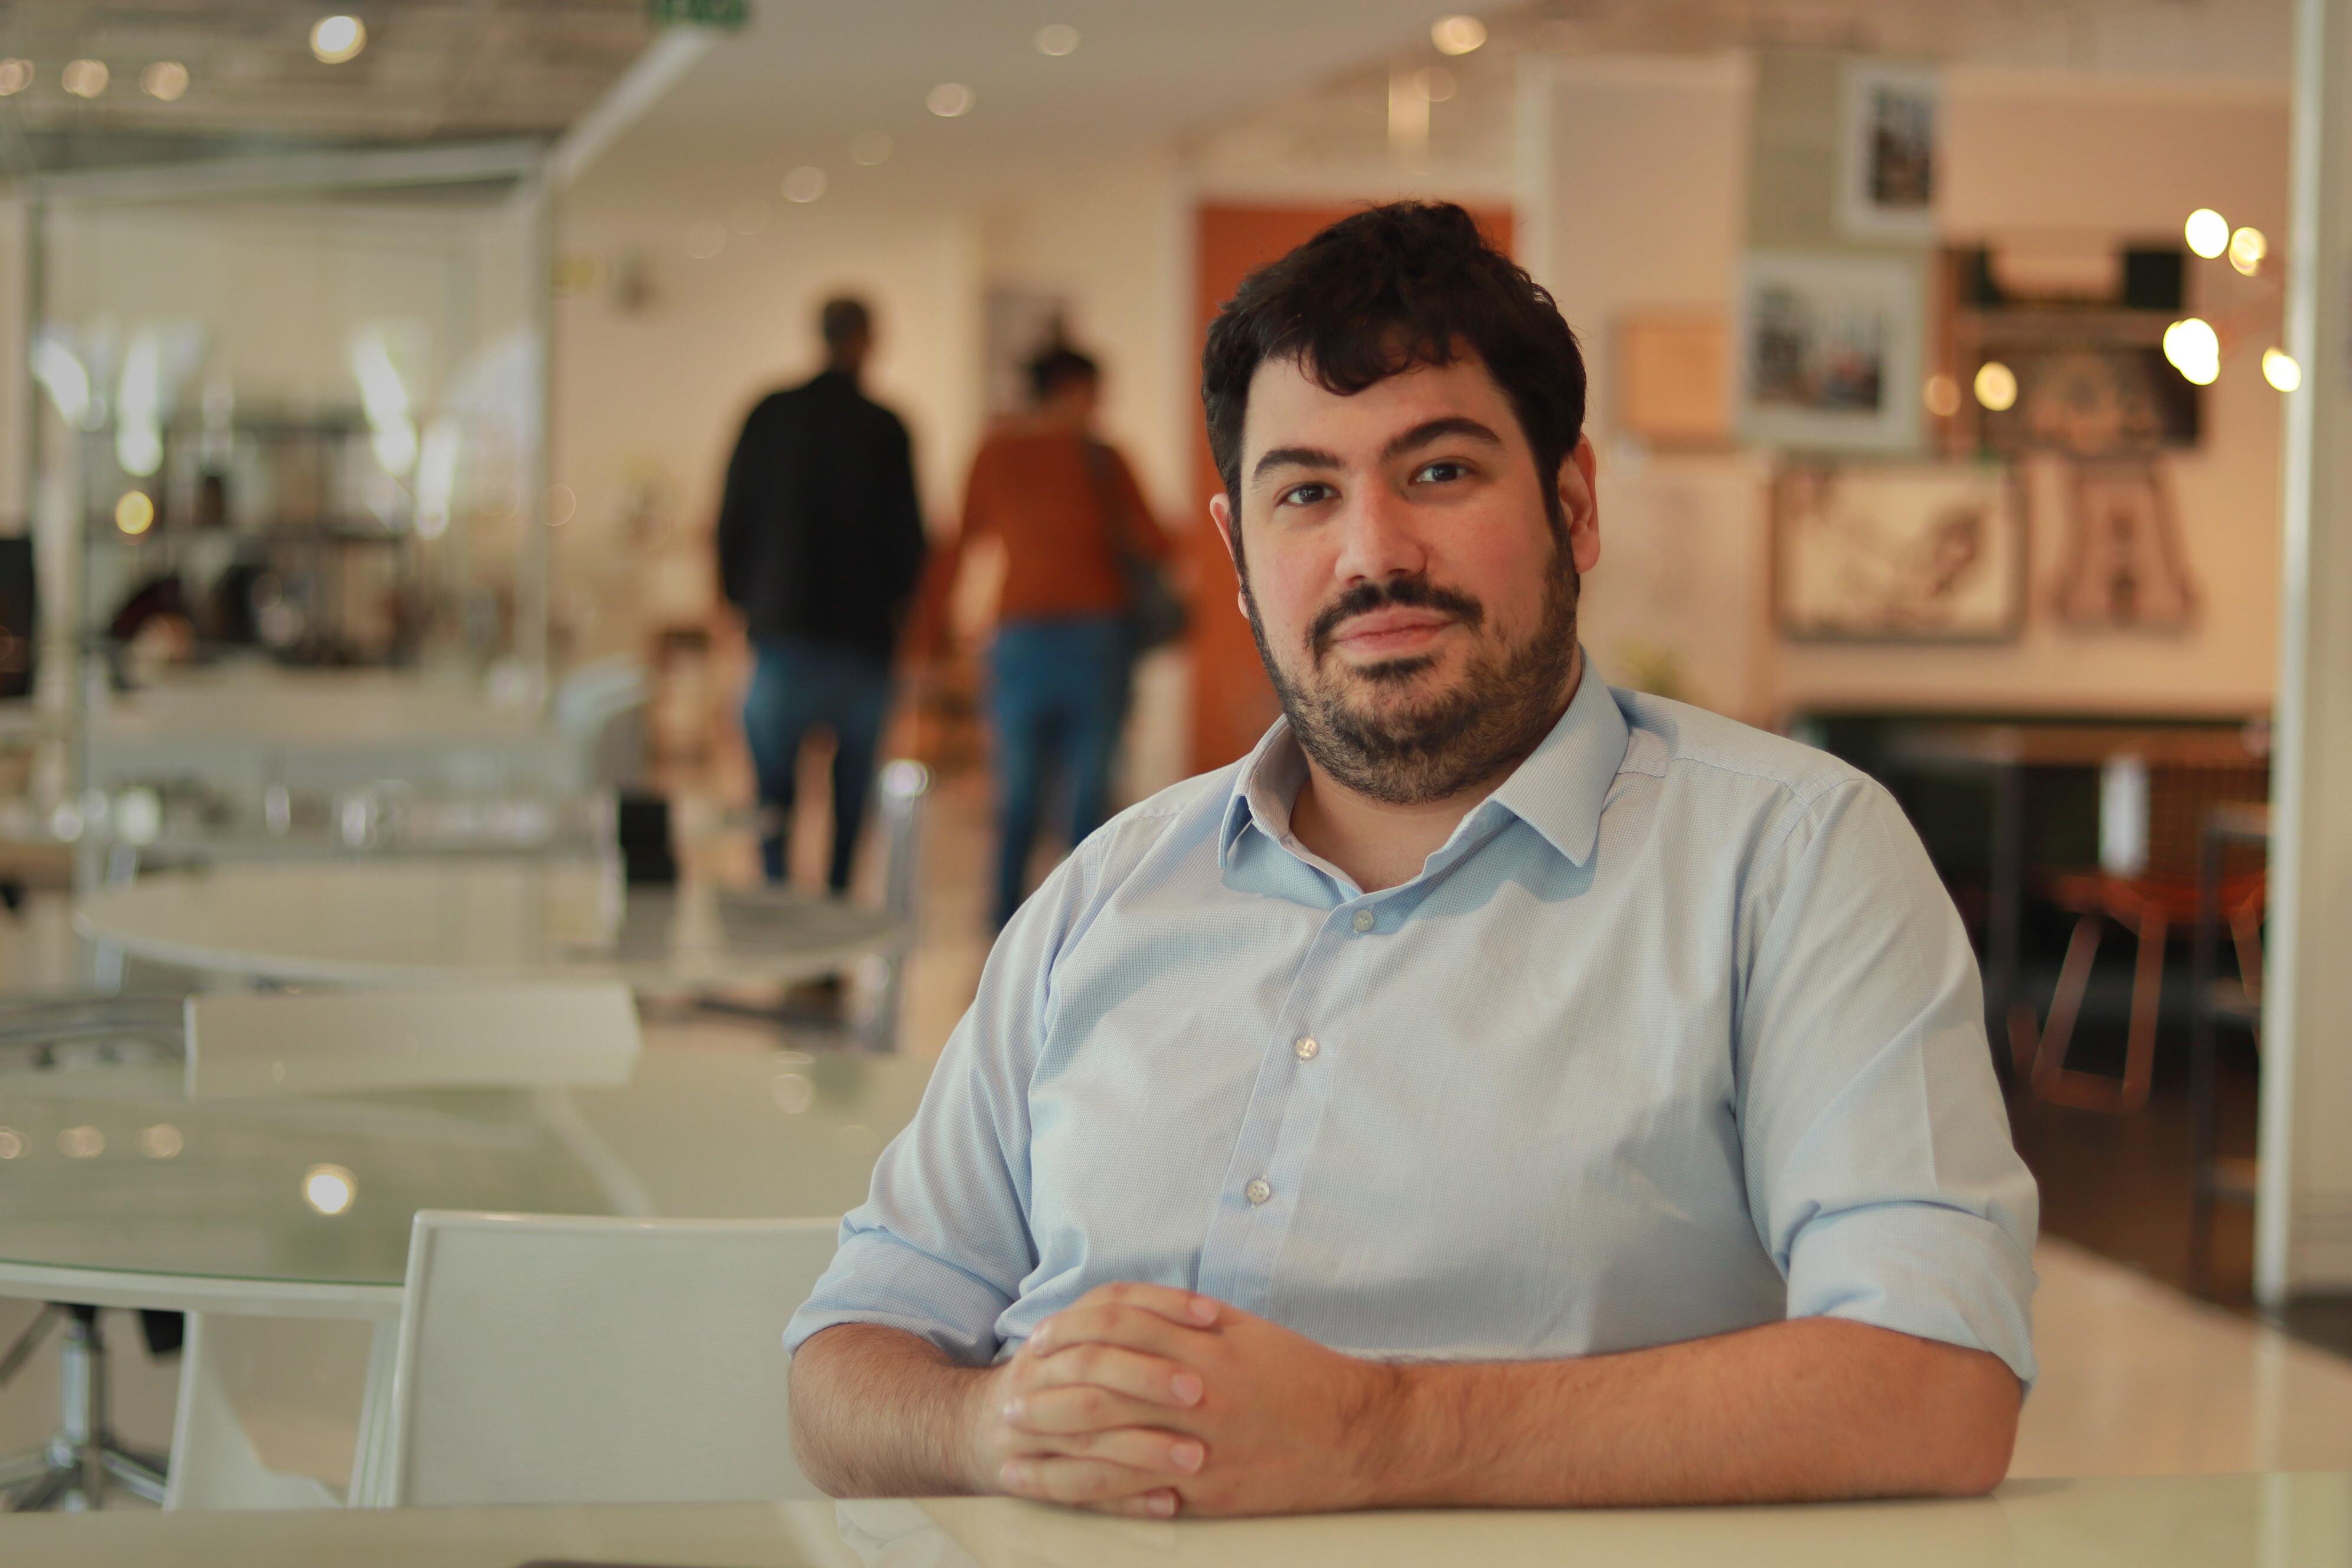 Maurício Ferro é gerente geral de marketing e comunicação da <em>Tok&Stok</em> e esteve em Curitiba nesta terça-feira (1) na loja do Jockey Plaza. Foto: divulgação.